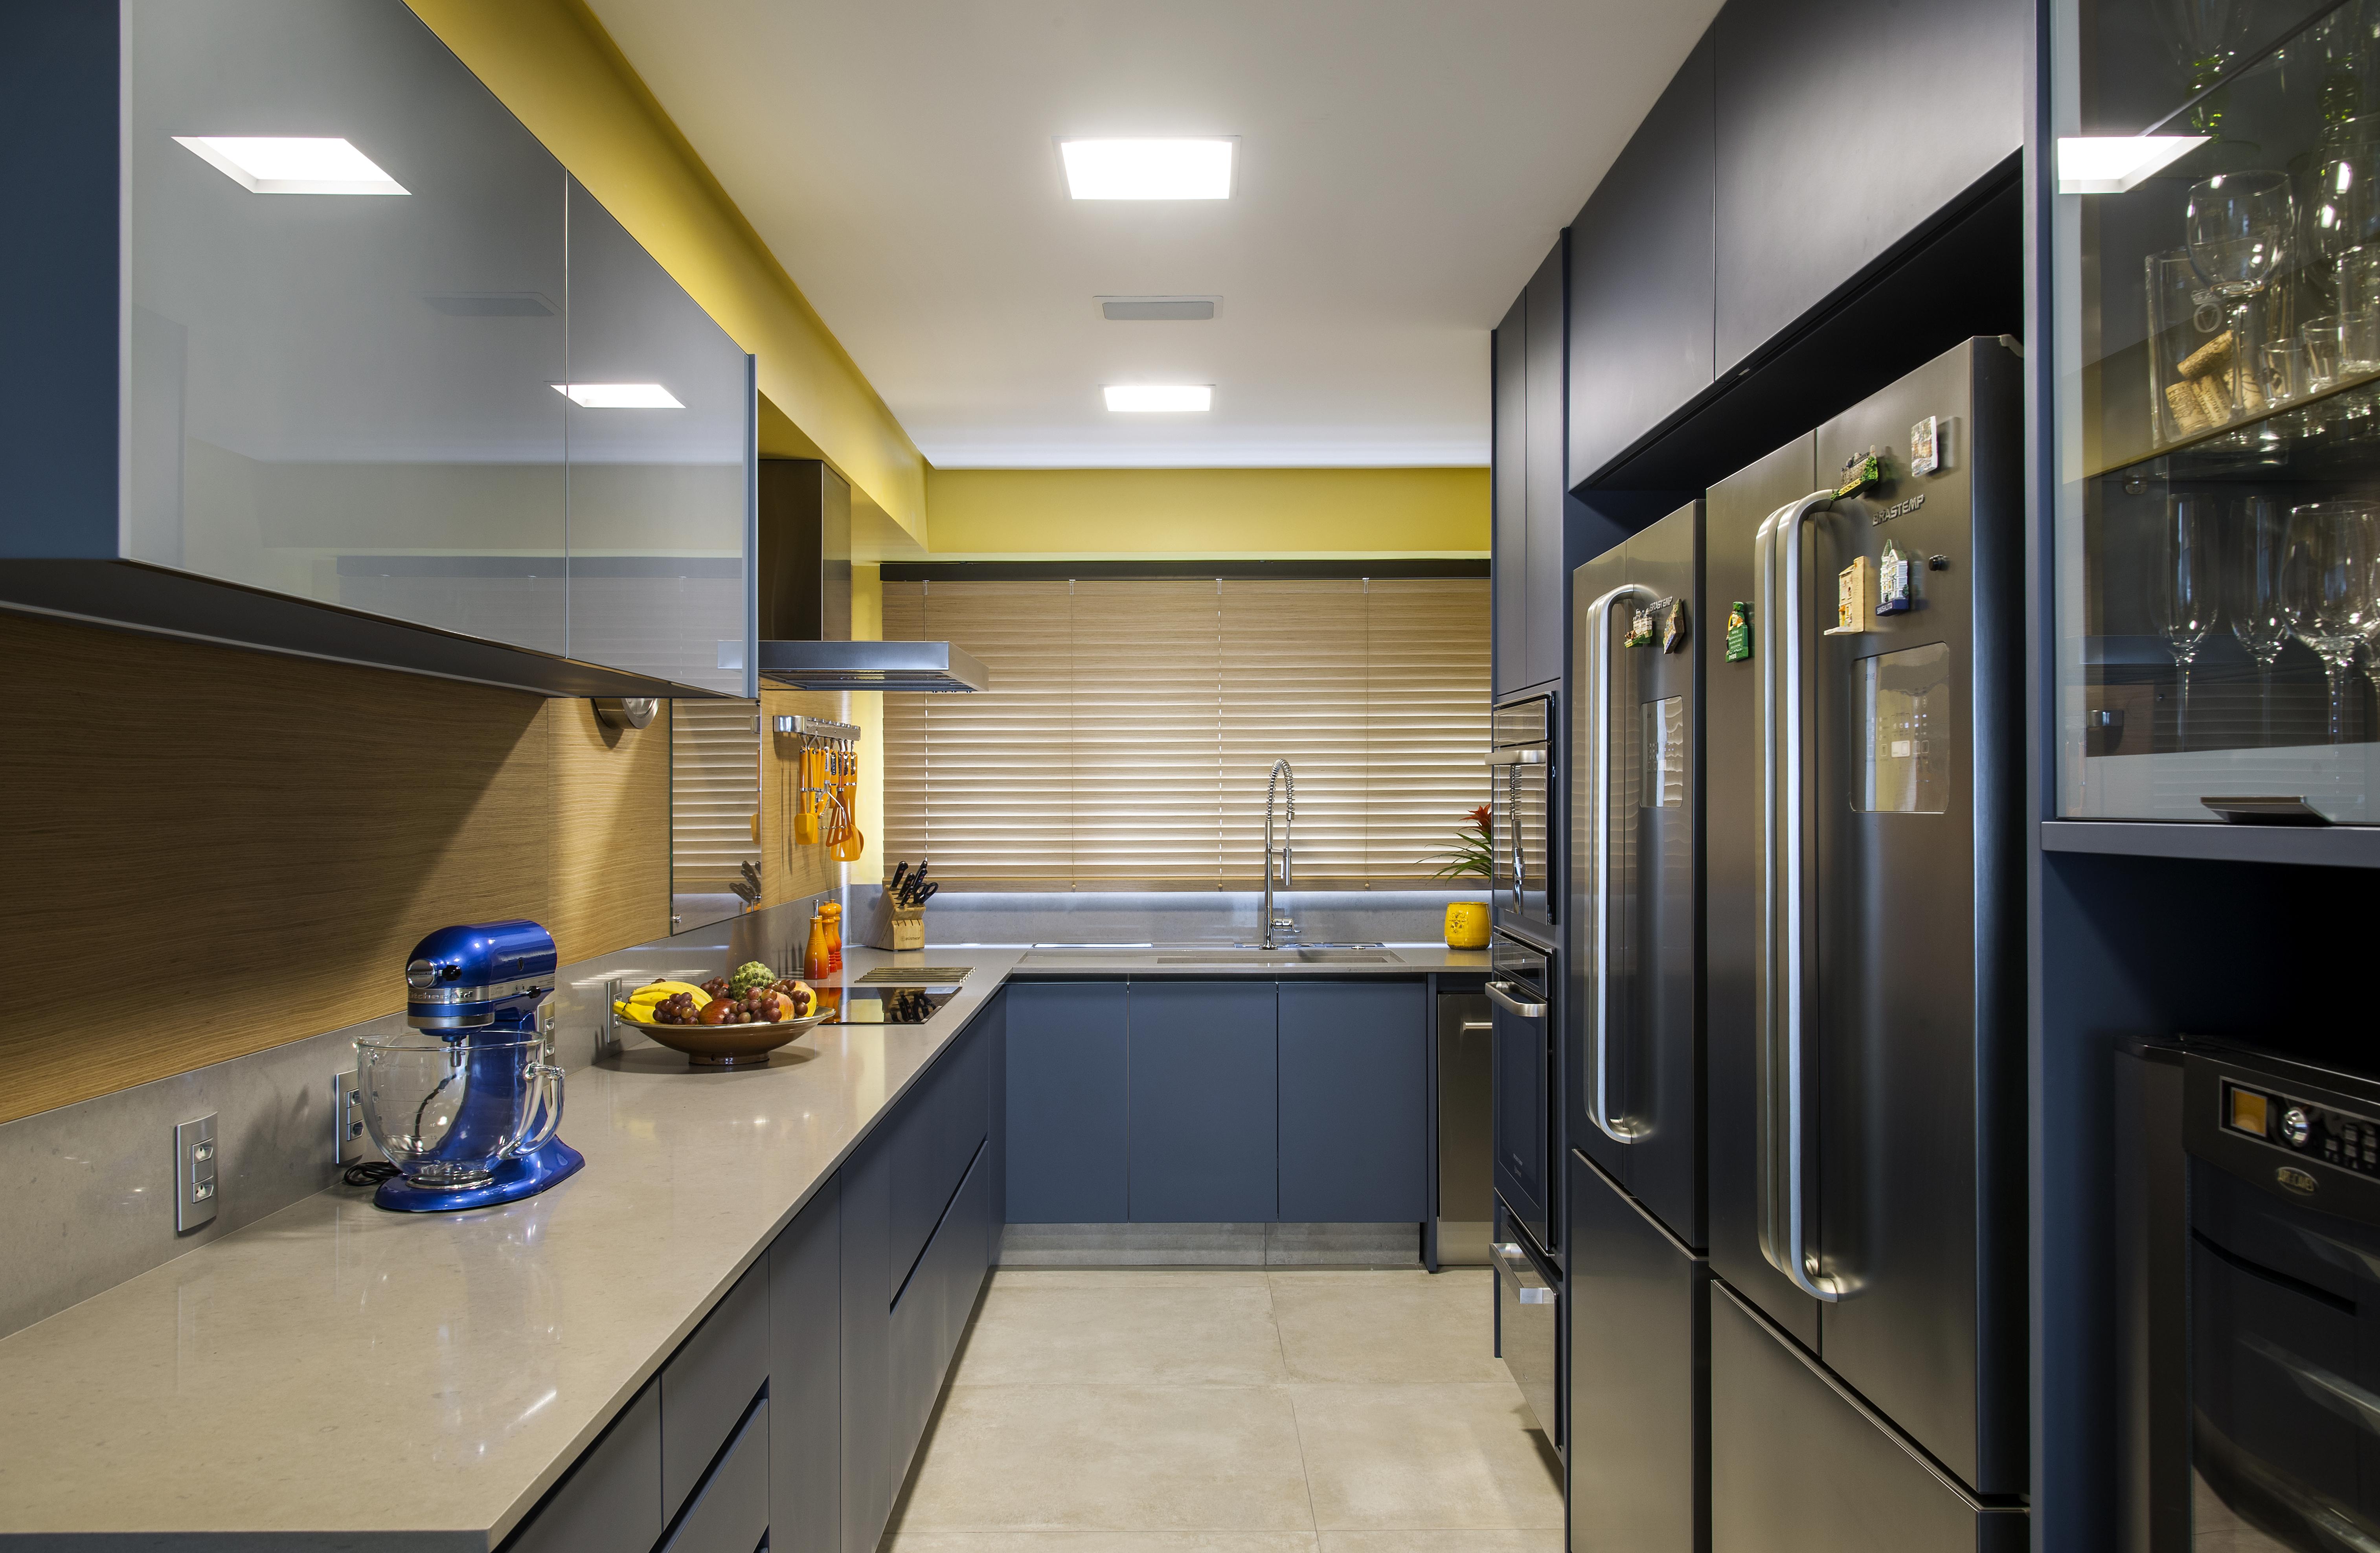 1-cozinha-com-tons-vibrantes-de-azul-e-amarelo